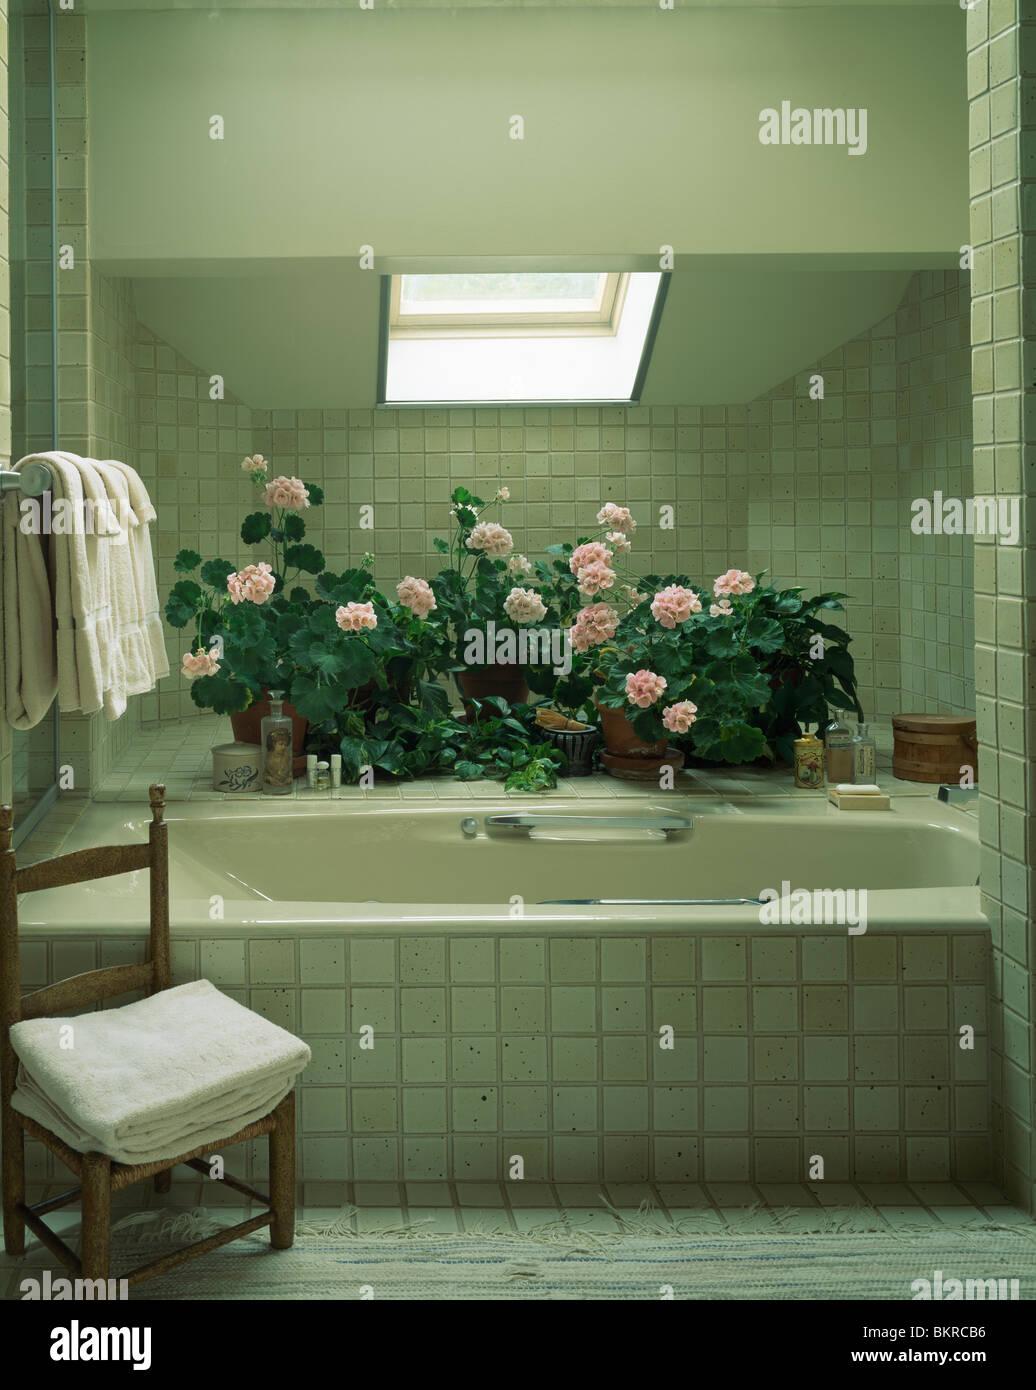 Töpfe mit rosa Rosen hinter Bad modern grau gefliest Dachgeschoss ...